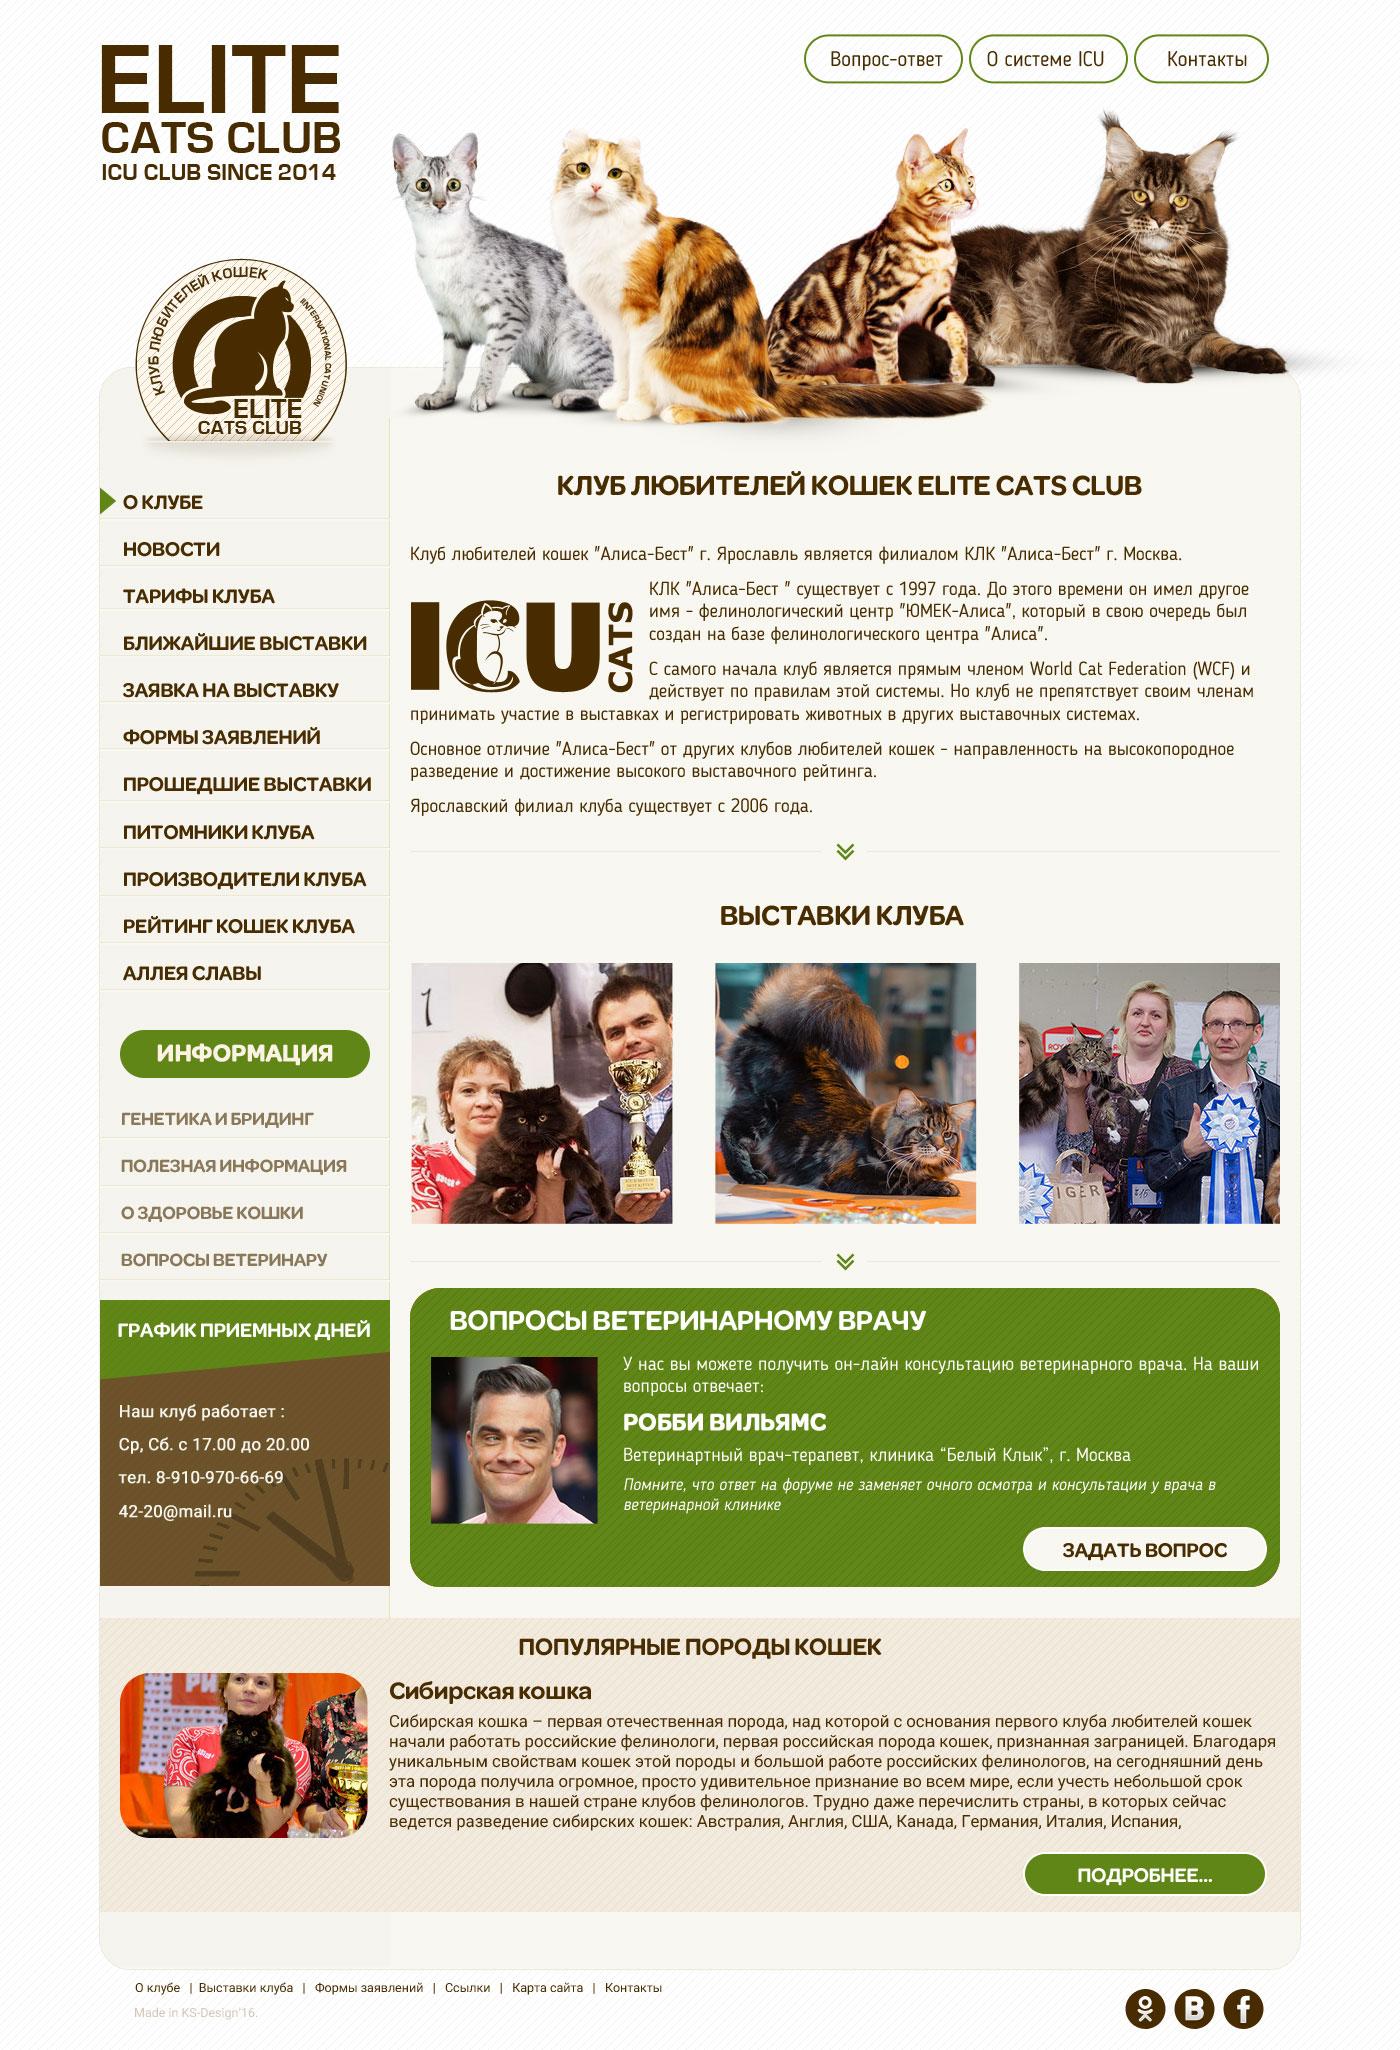 дизайн сайтов для животных